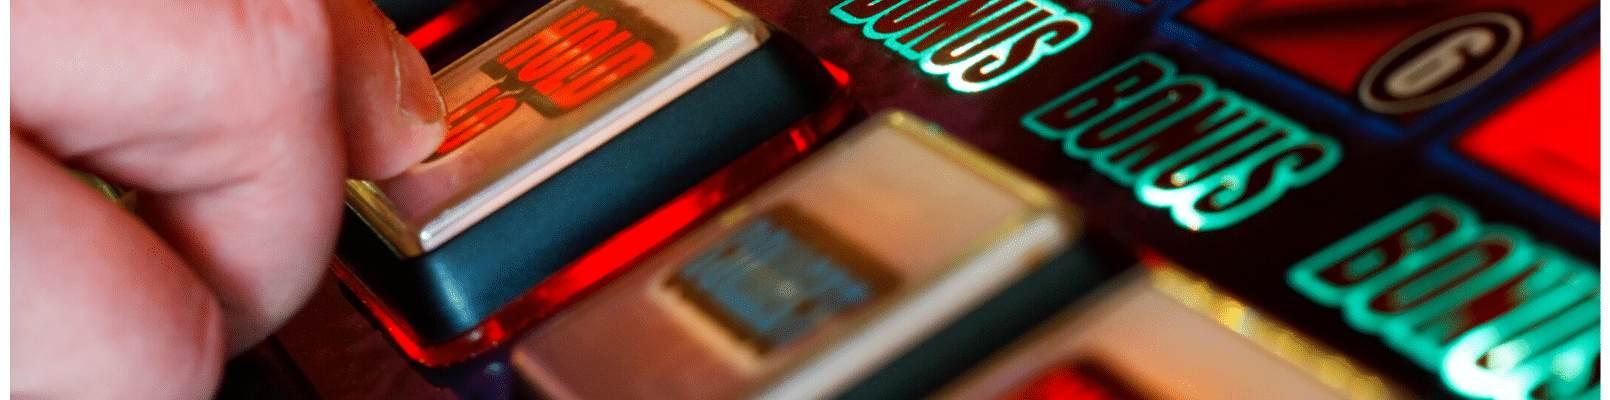 opțiuni cu depozit bonus cum să câștigi bani stabili pe opțiuni binare